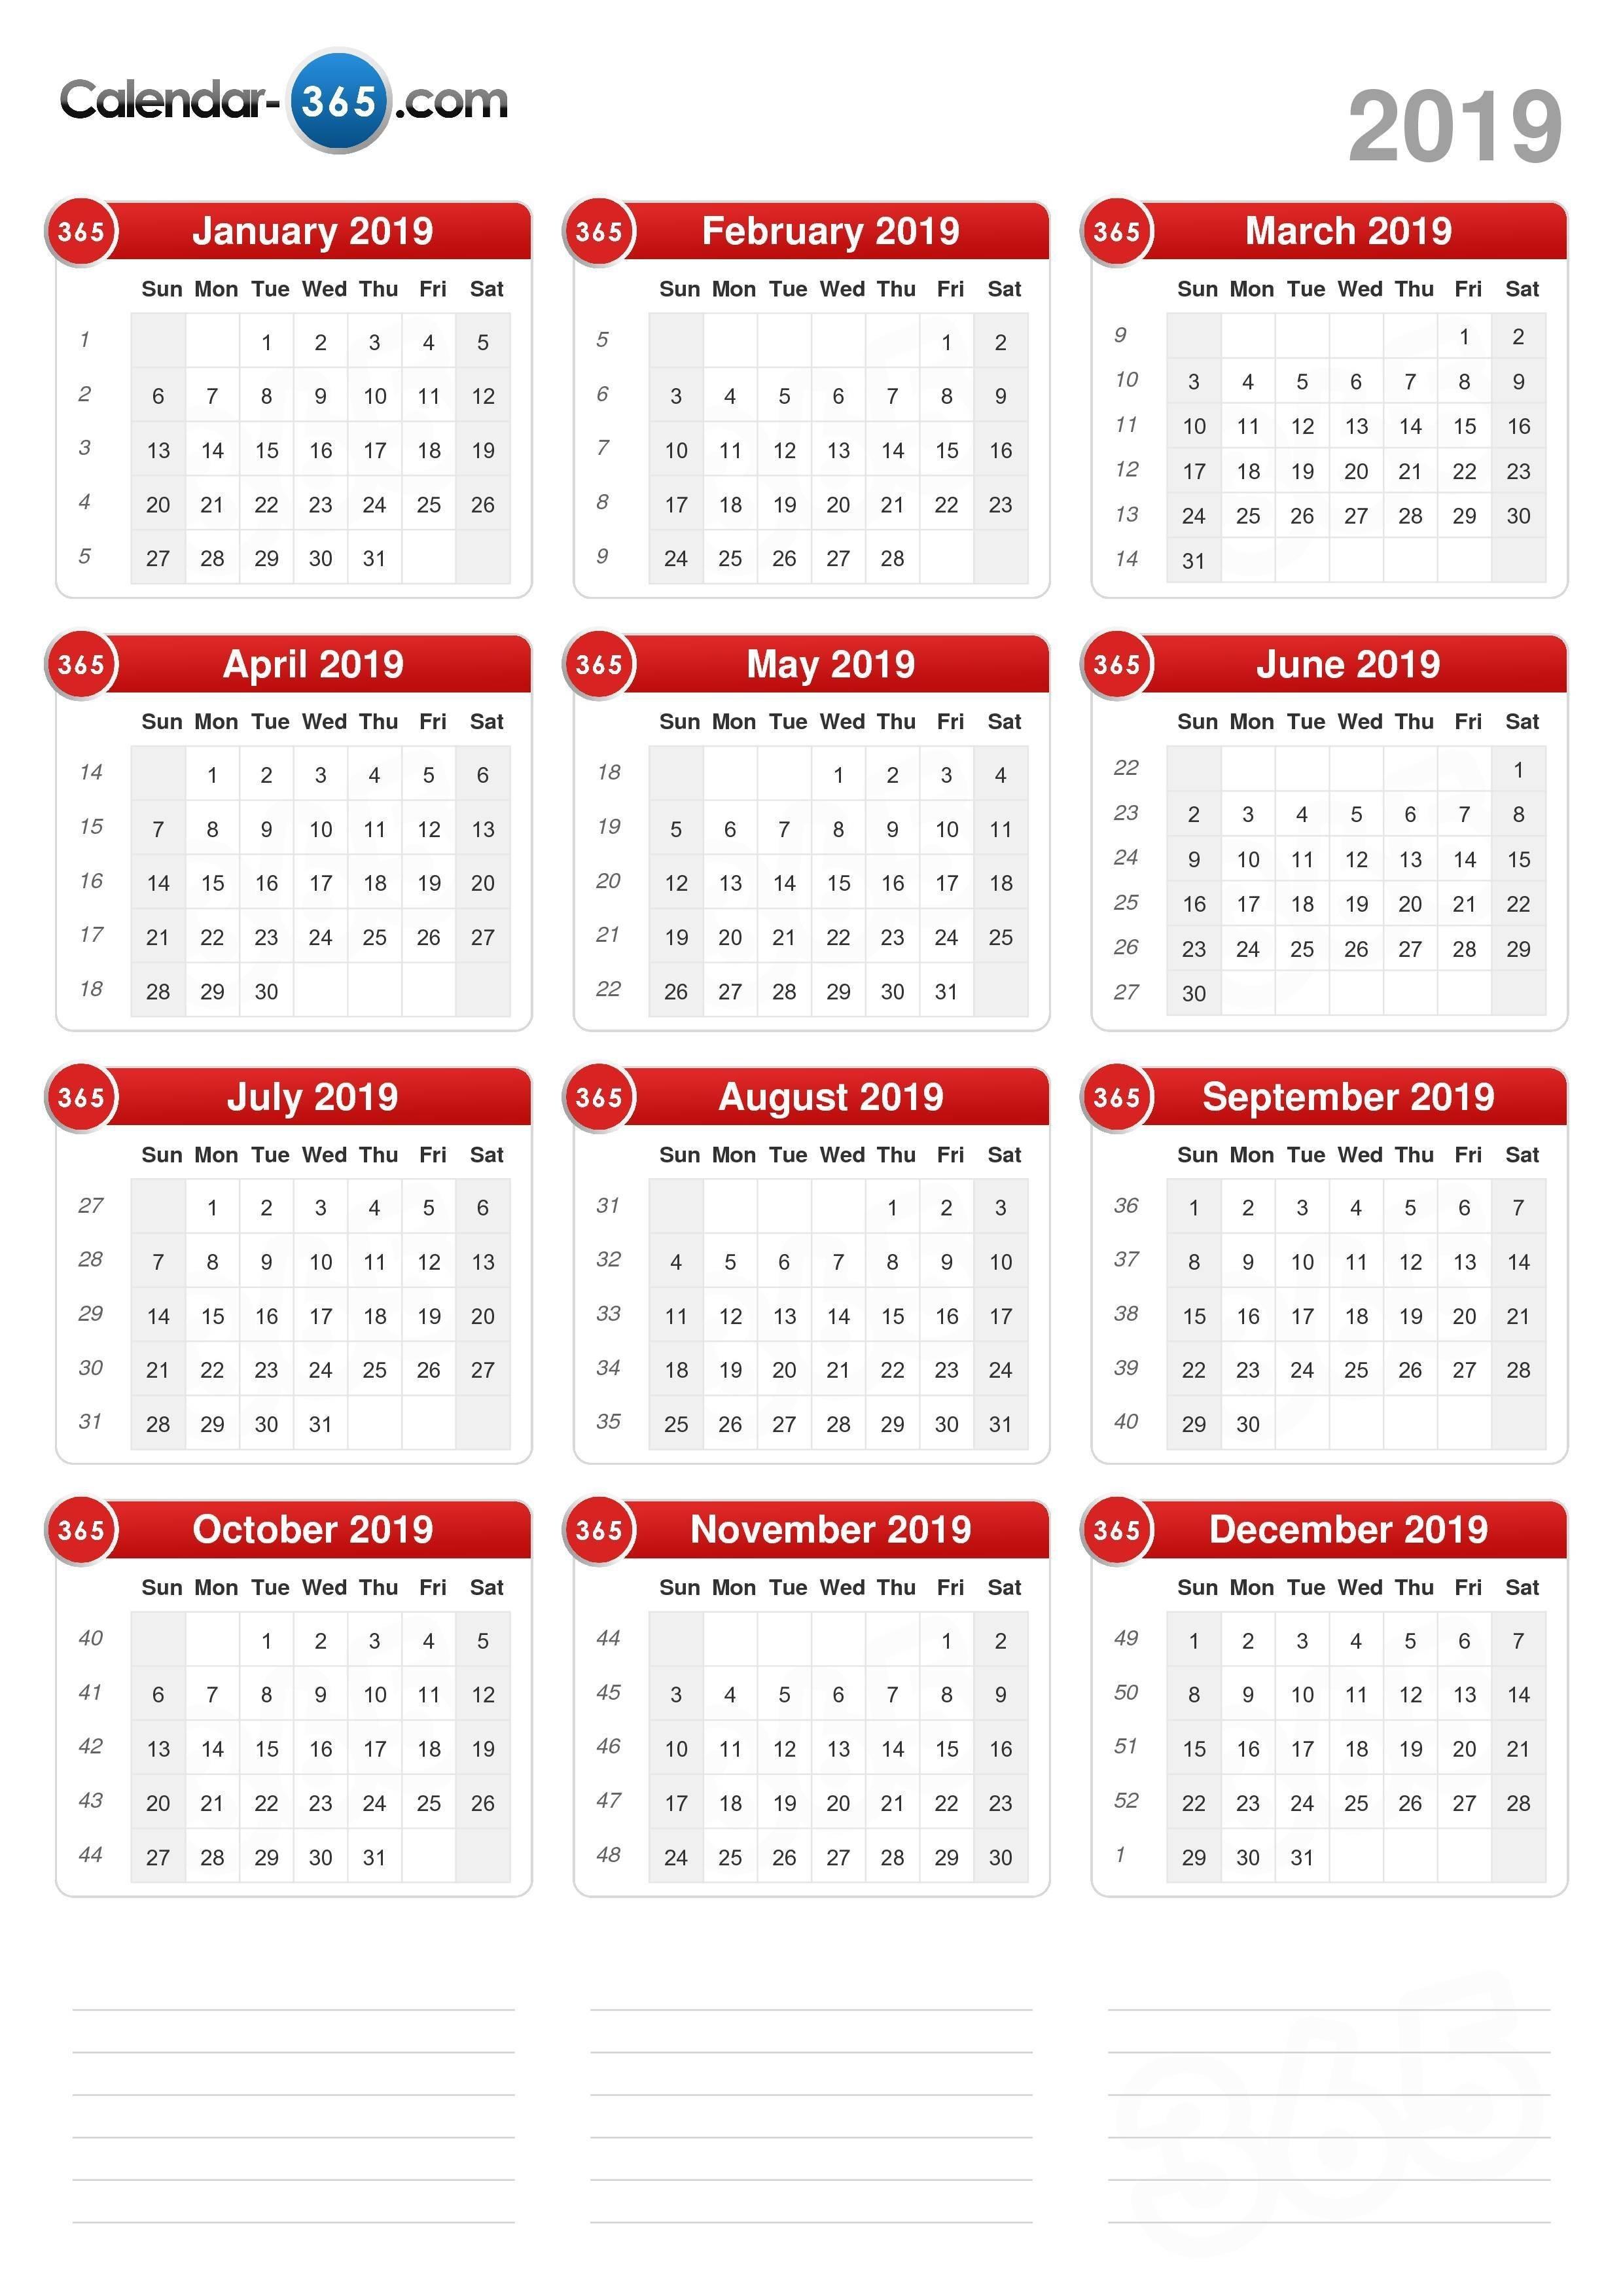 2019 Calendar Calendar Week 35 2019